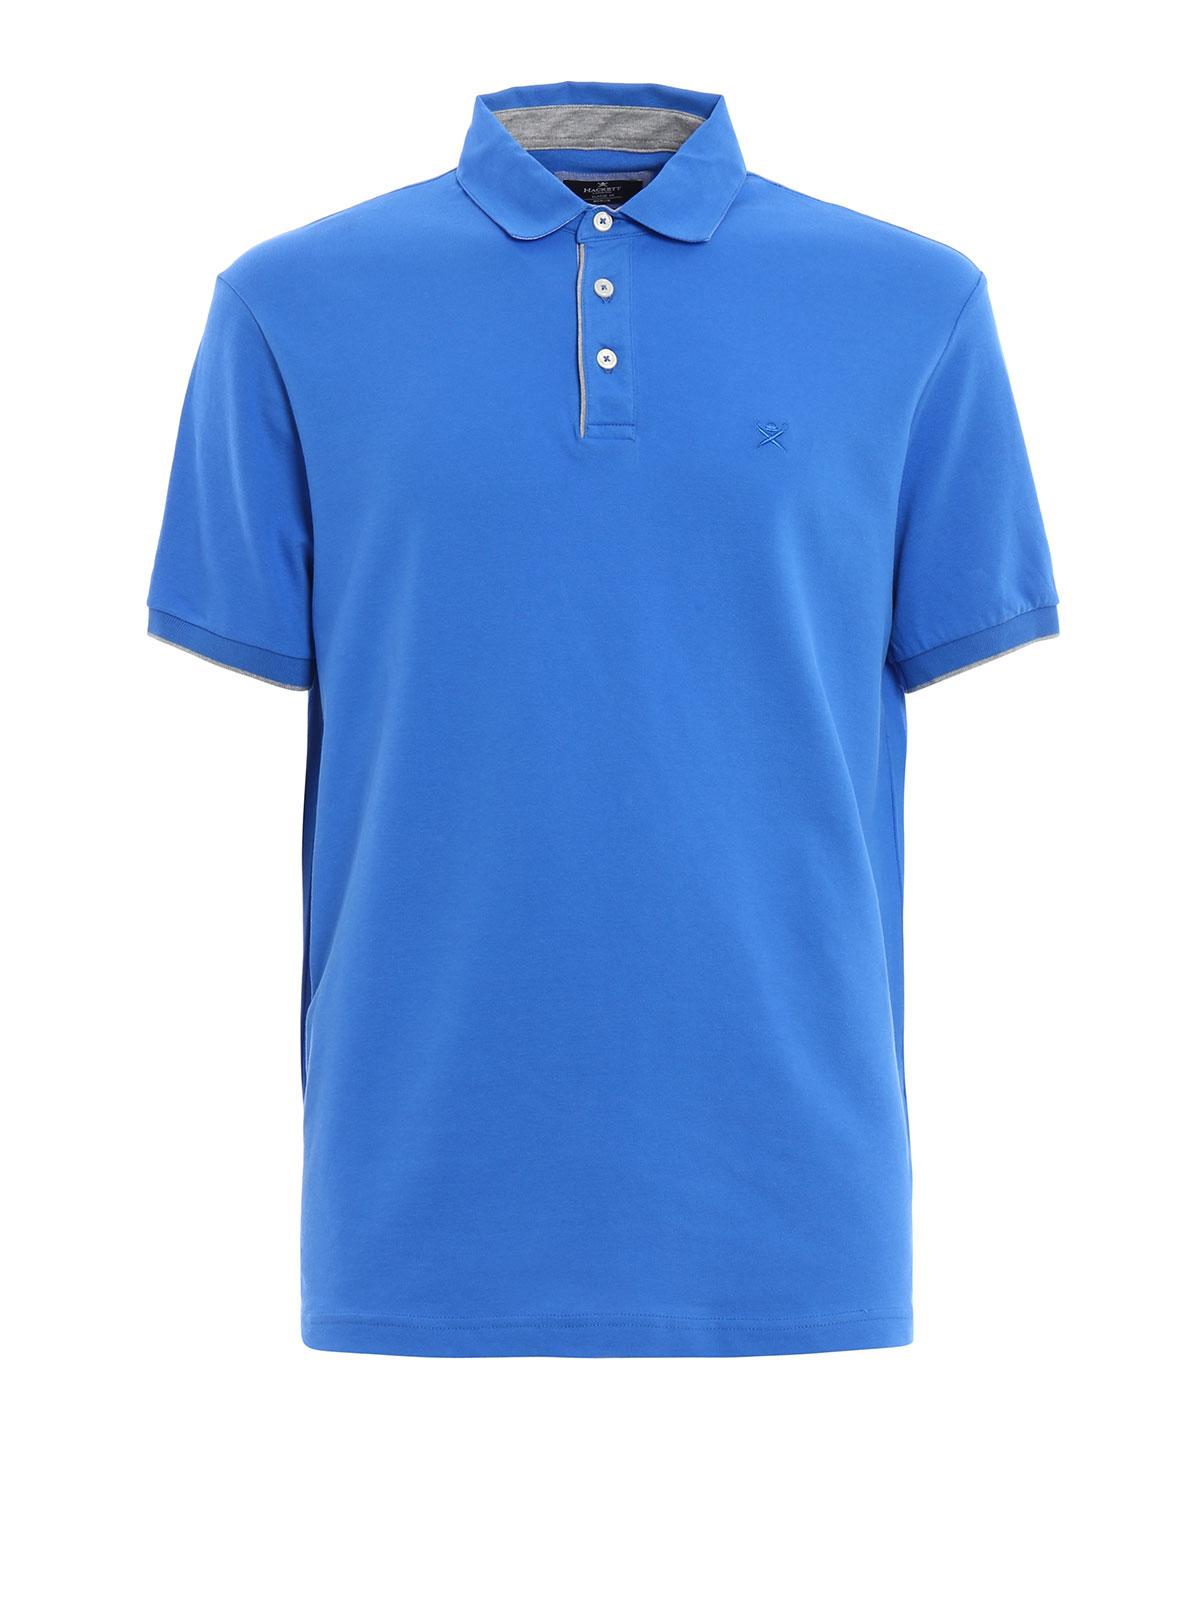 Cotton pique polo shirt by hackett polo shirts shop for Cotton on polo shirt